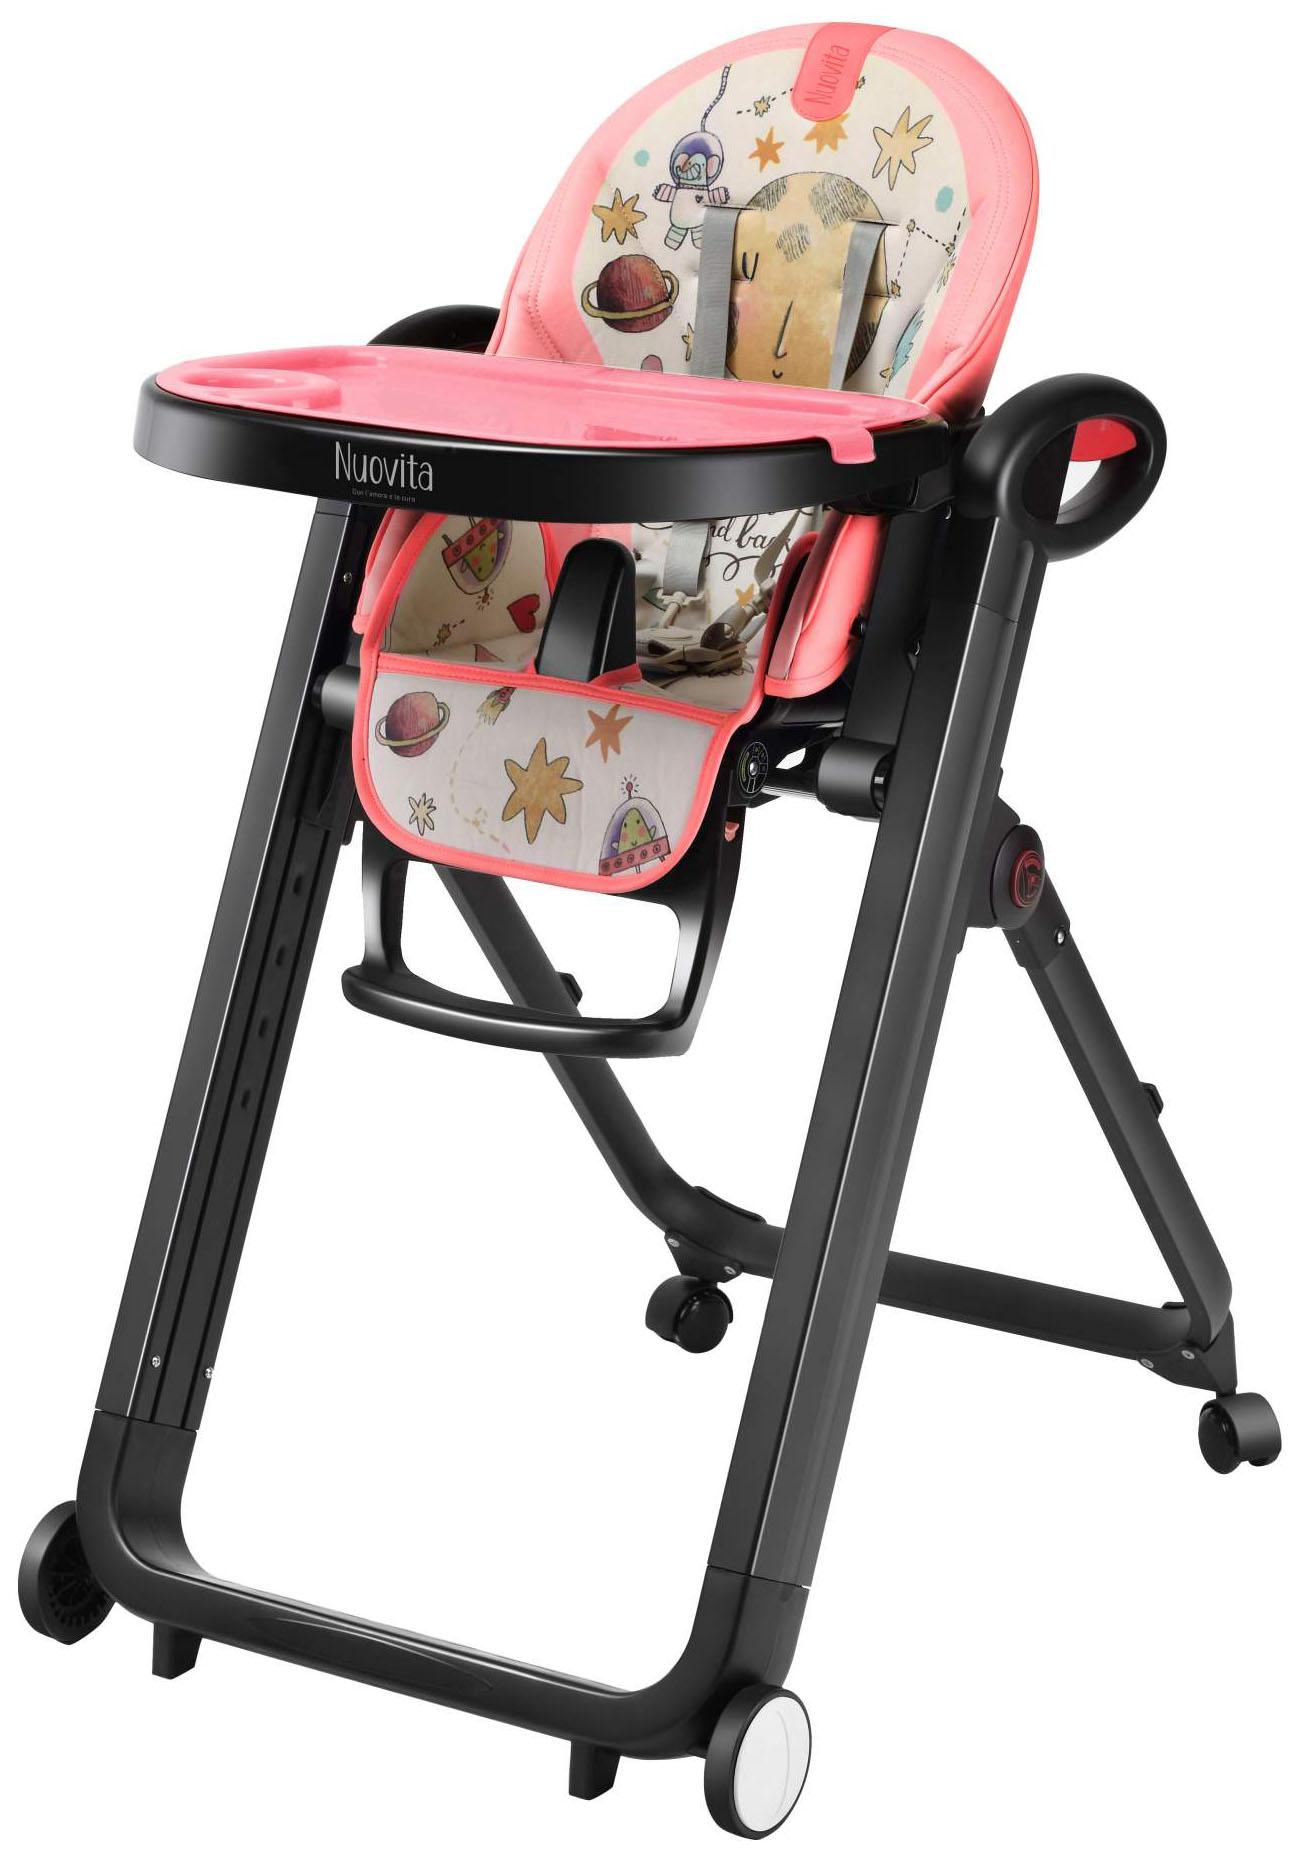 Купить Стульчик для кормления Nuovita Futuro Senso Nero Cosmo rosa/Розовый космос, Стульчики для кормления